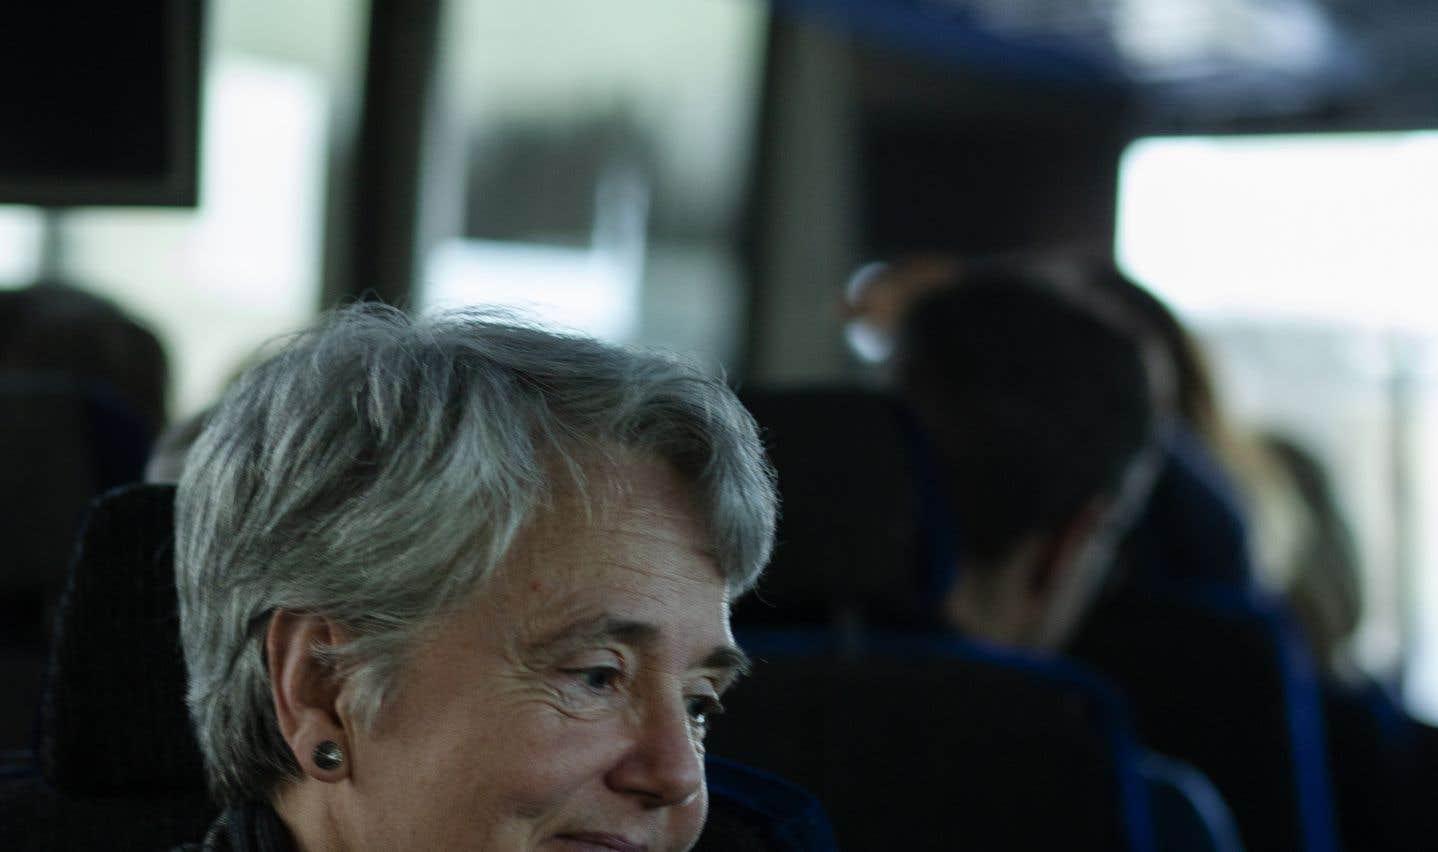 «On a fait la manif aujourd'hui en se disant: est-ce que ça se pourrait que Power [Corporation] puisse admettre que ce qu'ils ont fait n'était pas moral, et qu'ils puissent quand même prendre leurs responsabilités?», demande Marie Delagrave, ex-journaliste au «Soleil».